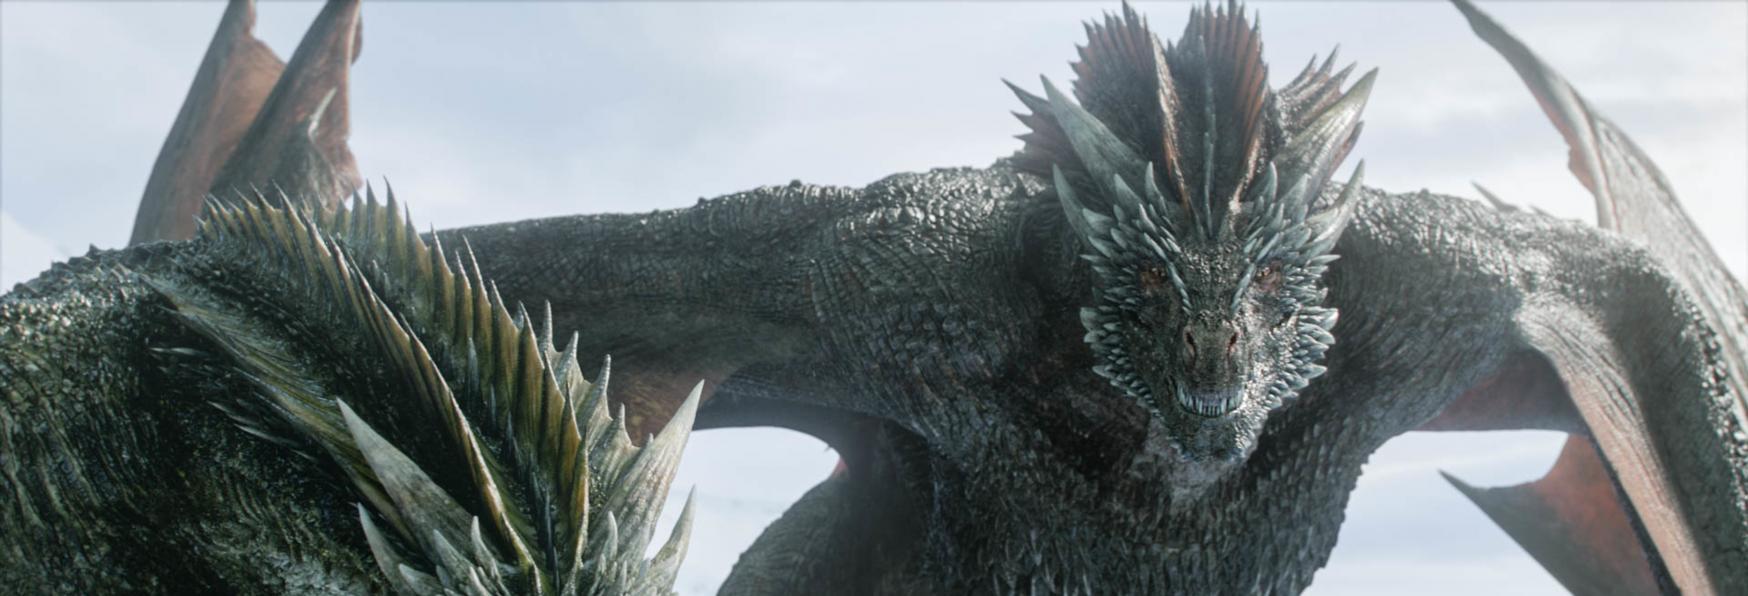 Westworld: il Cameo con Game of Thrones è stata un'idea di R. R. Martin